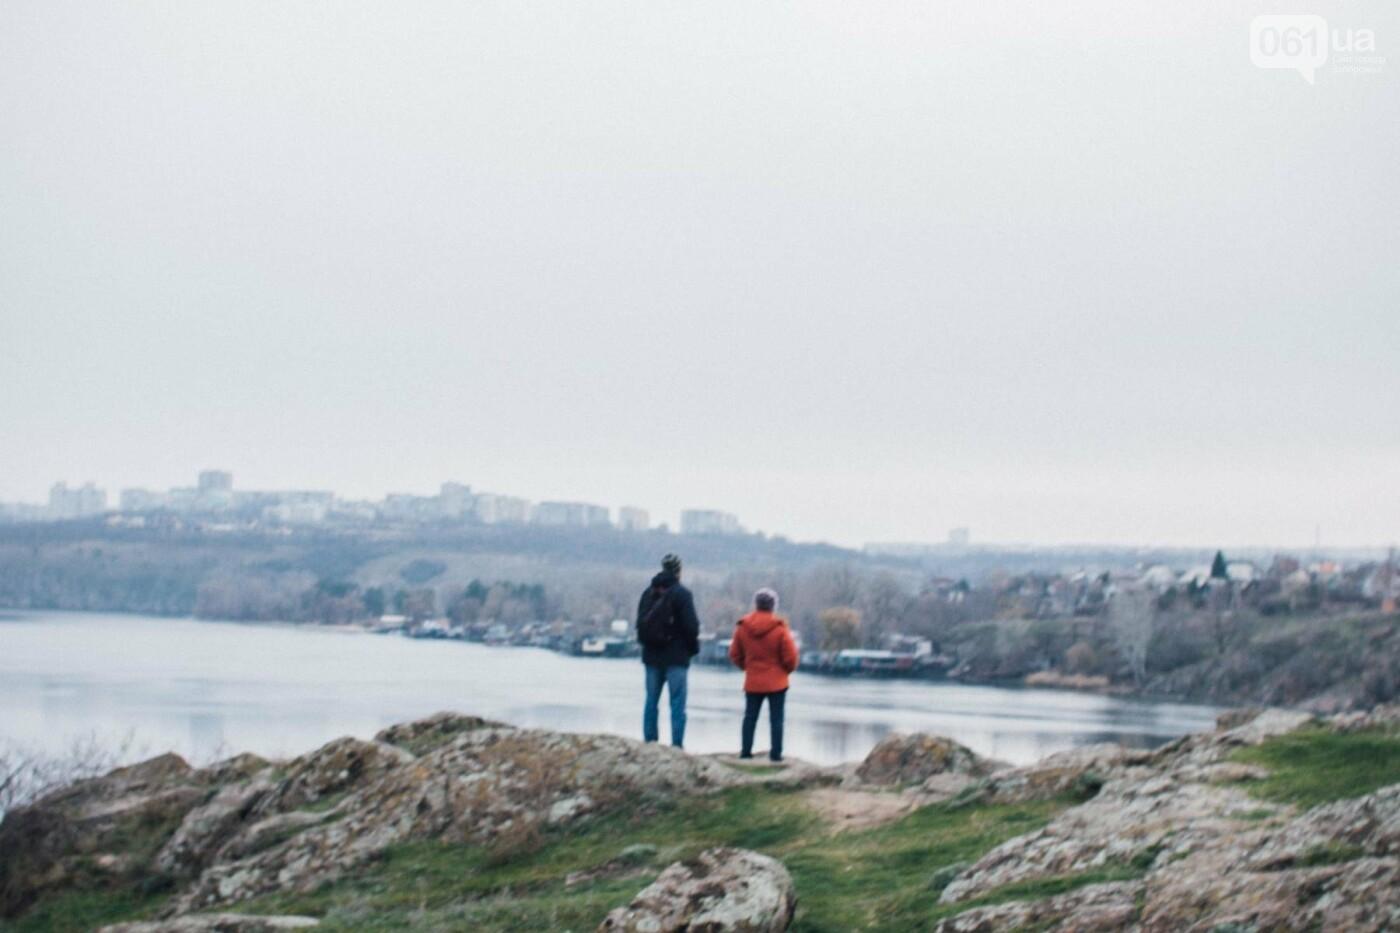 Четыре дня до зимы: как выглядит Хортица поздней осенью, - ФОТОРЕПОРТАЖ, фото-3